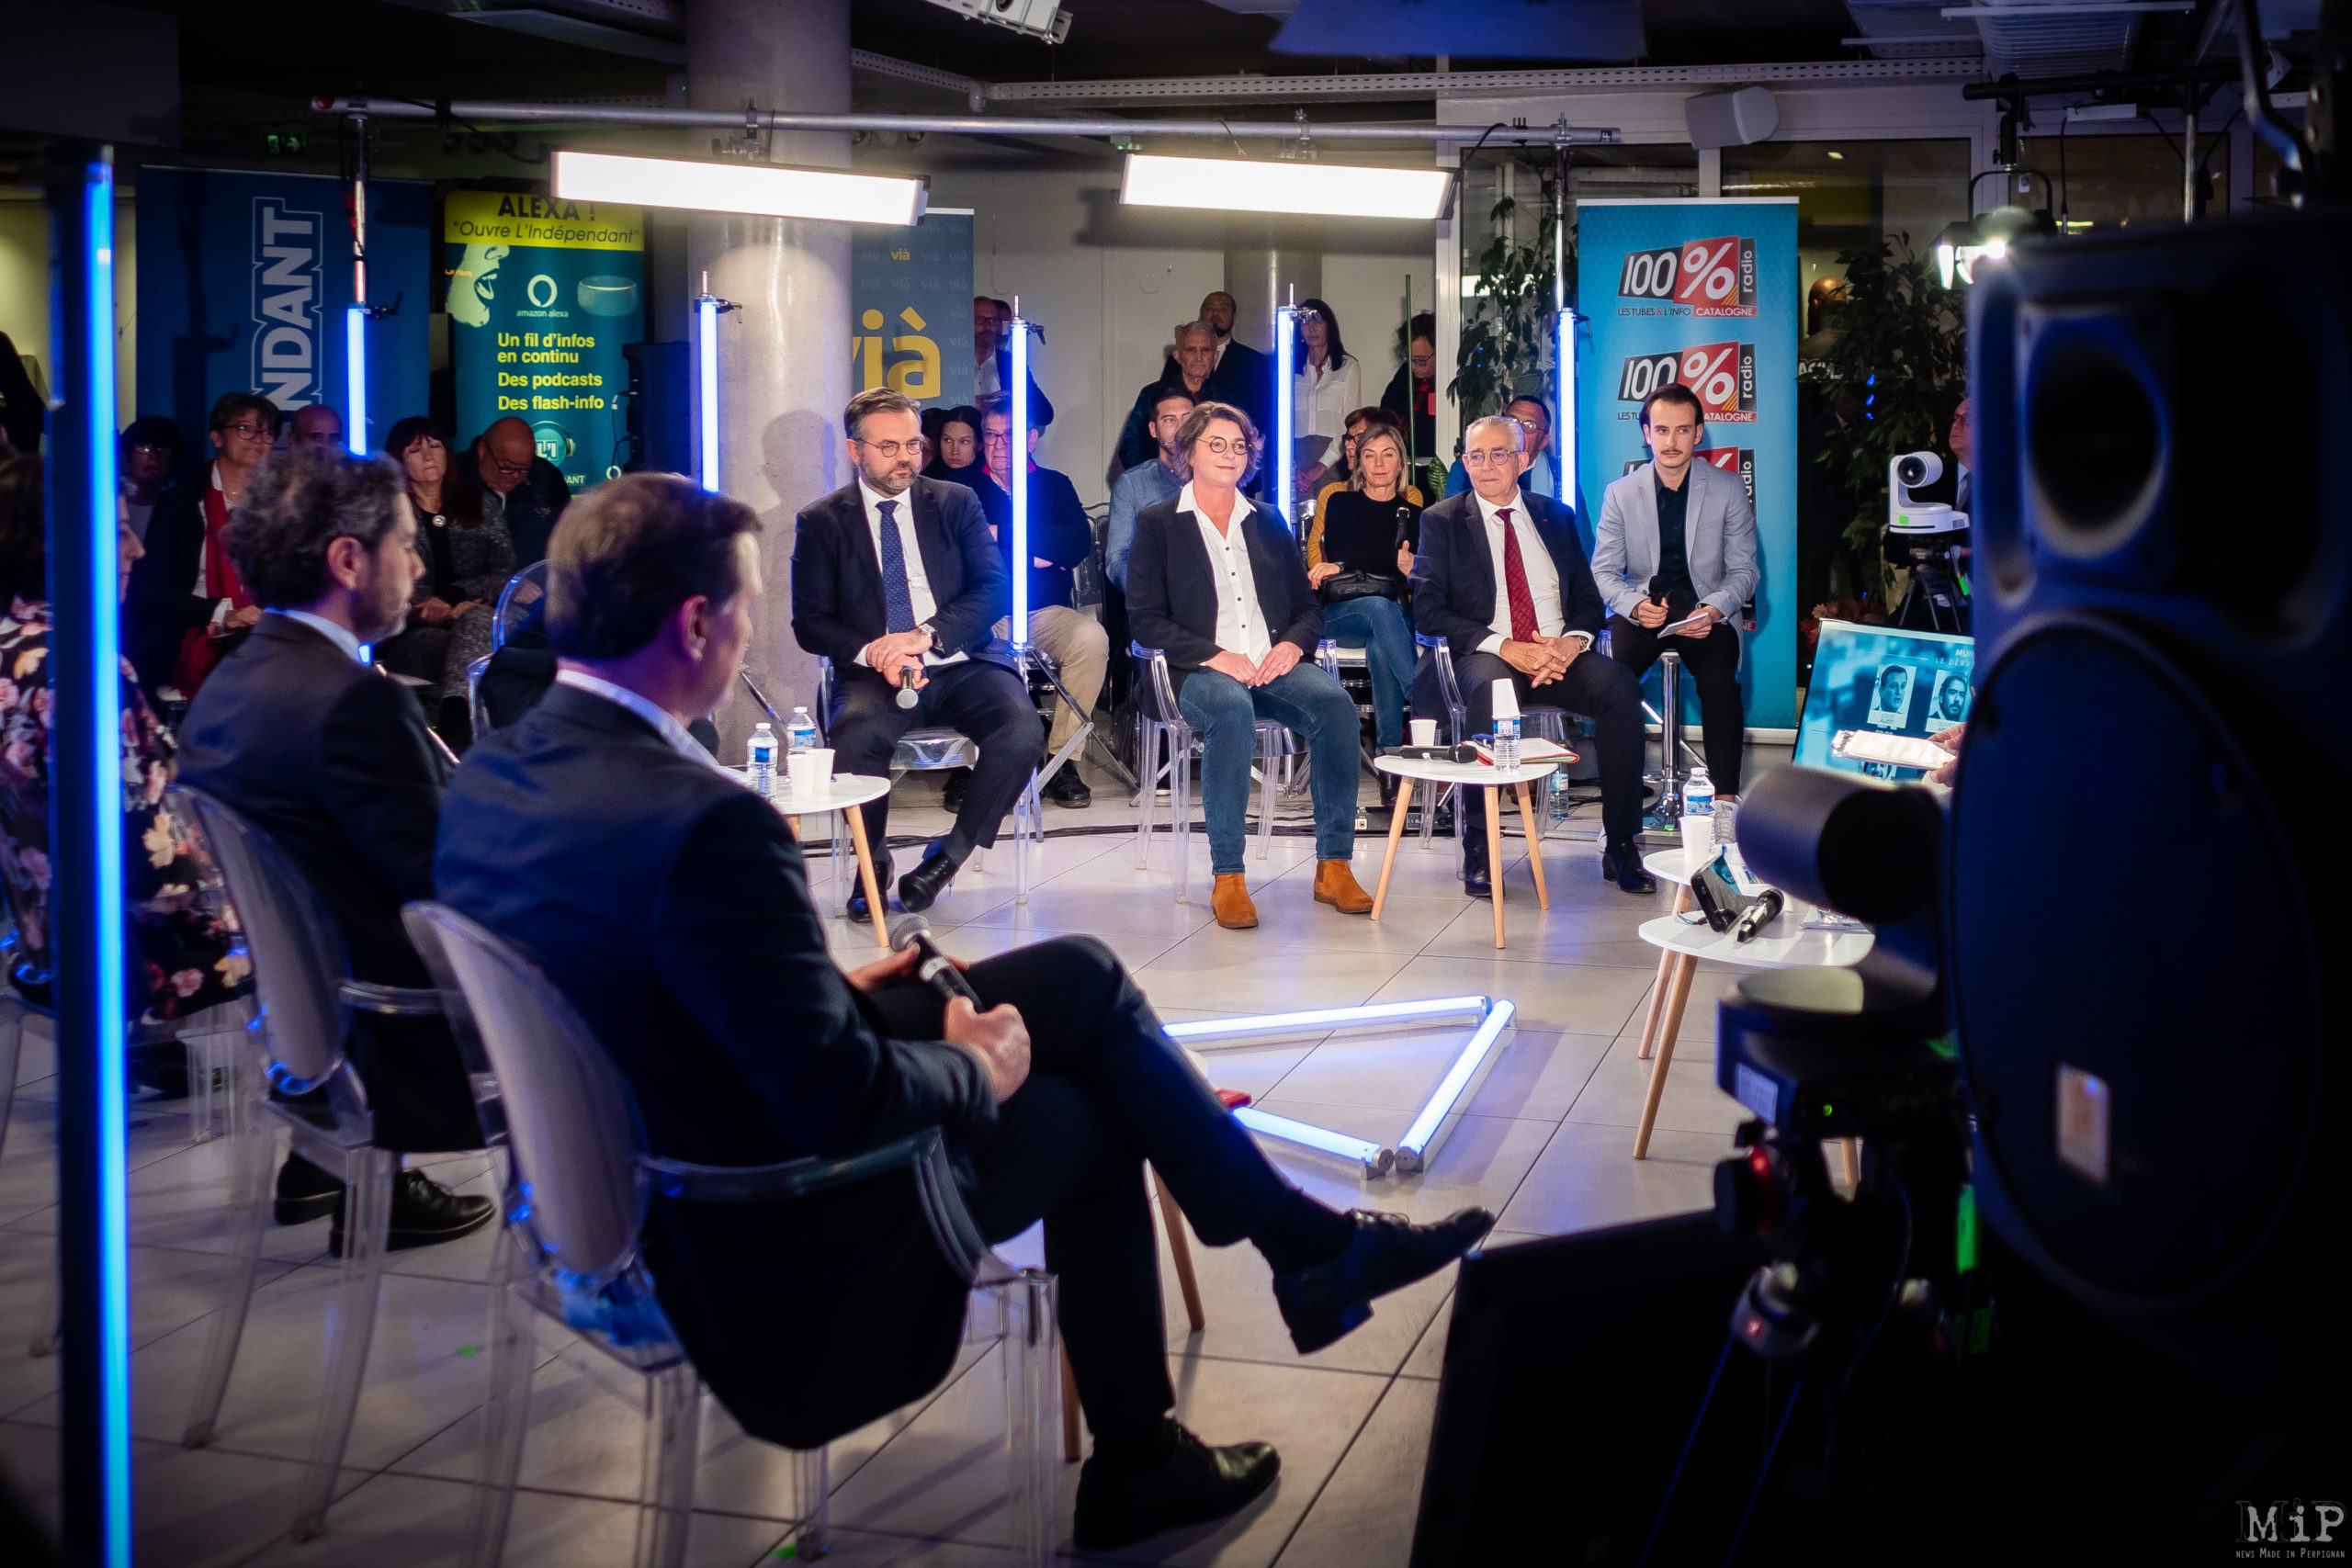 Municipales 2020 Perpignan débat L'Indépendant Via Occitanie premier tour © Arnaud Le Vu / MiP / APM